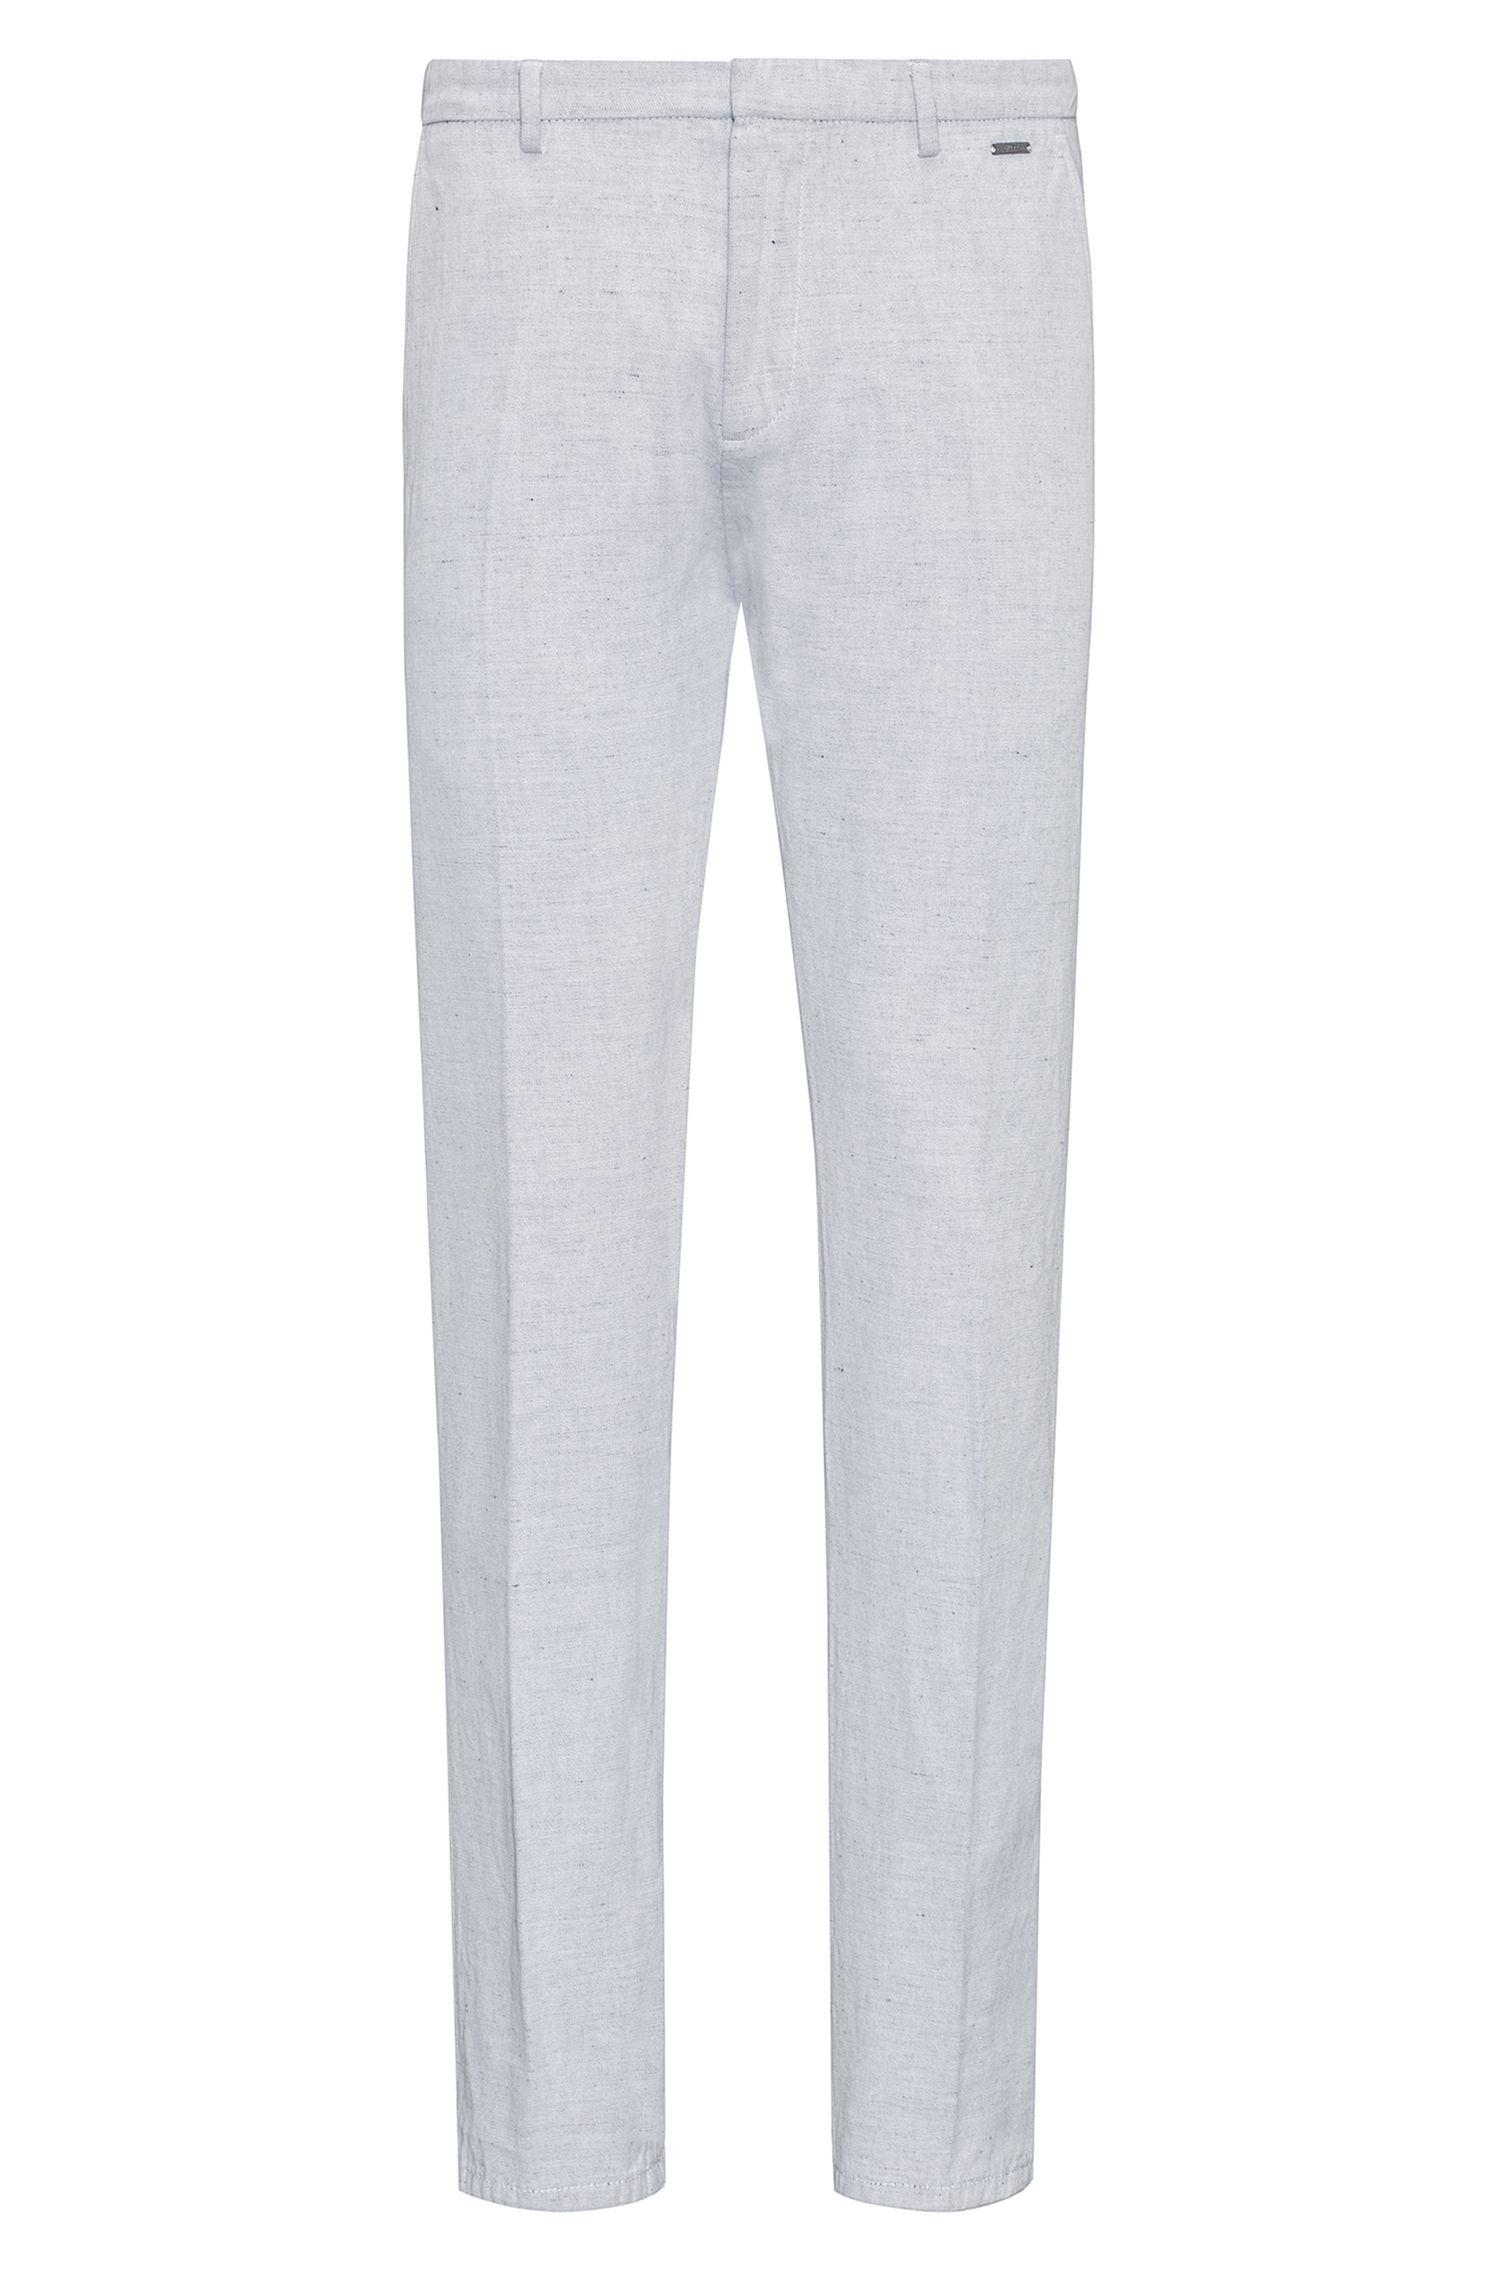 Gefärbte Slim-Fit Hose aus Baumwoll-Mix mit Leinen